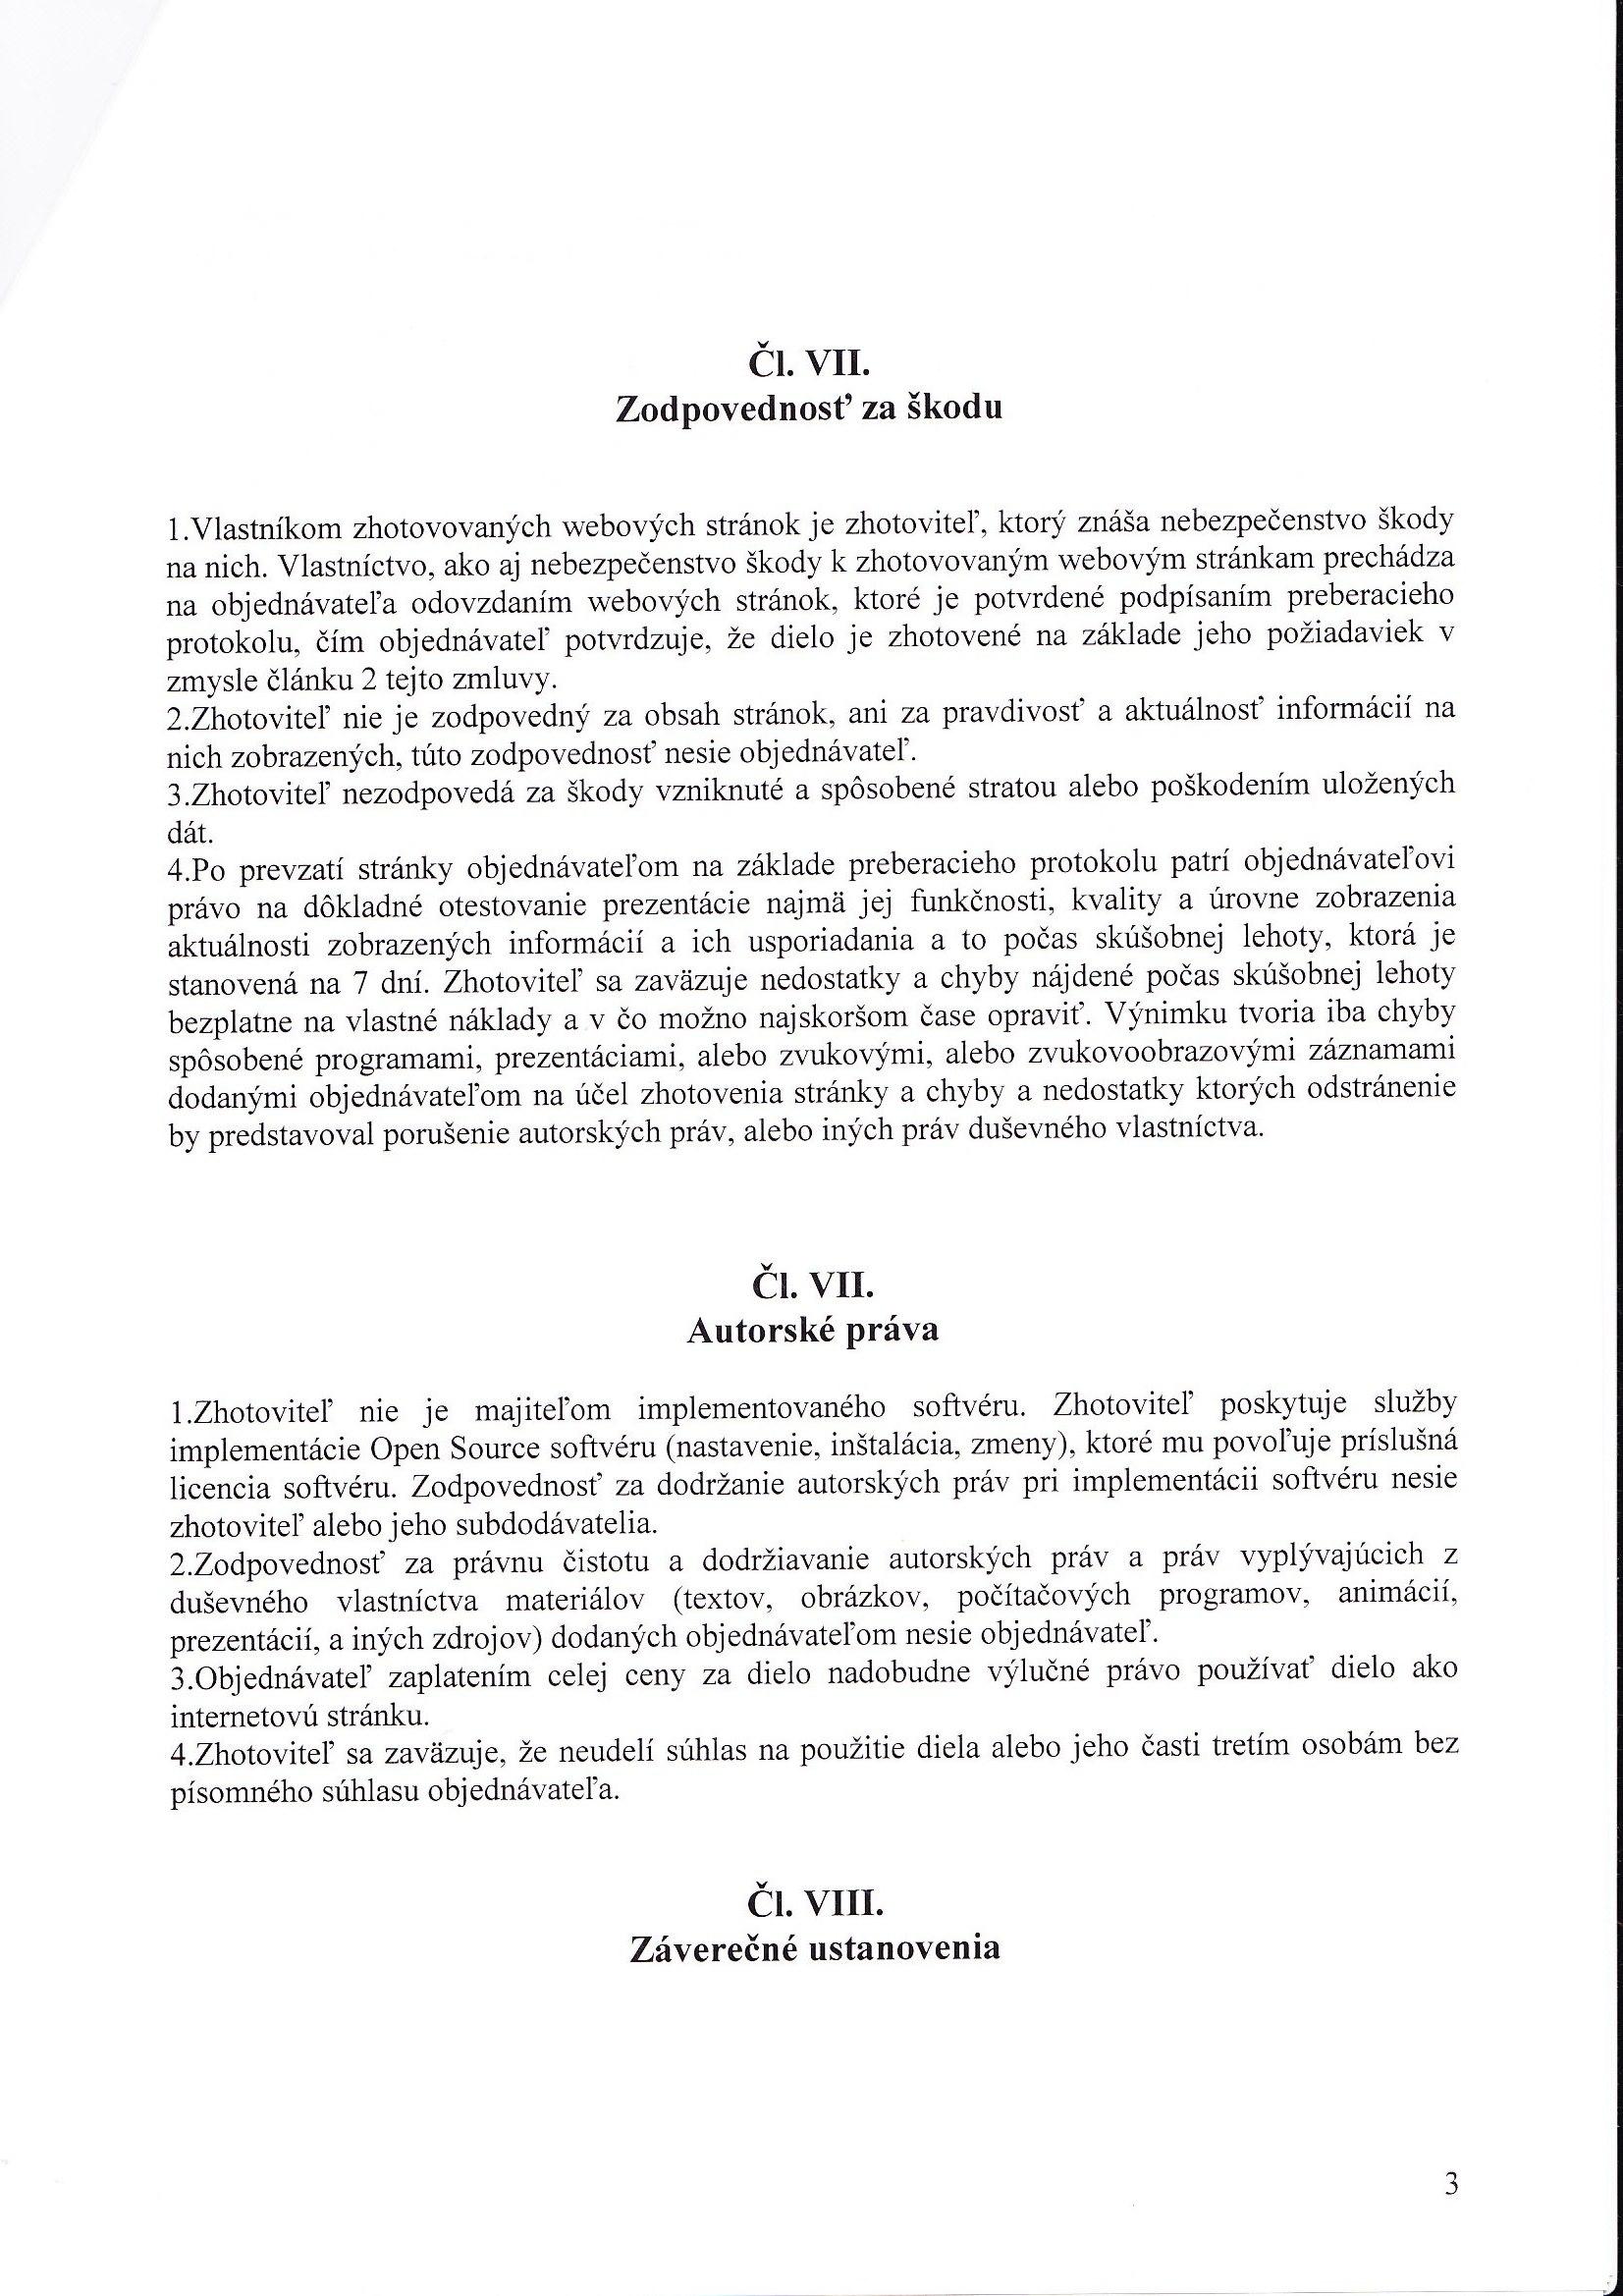 Zmluva o službe dotvorby služieb